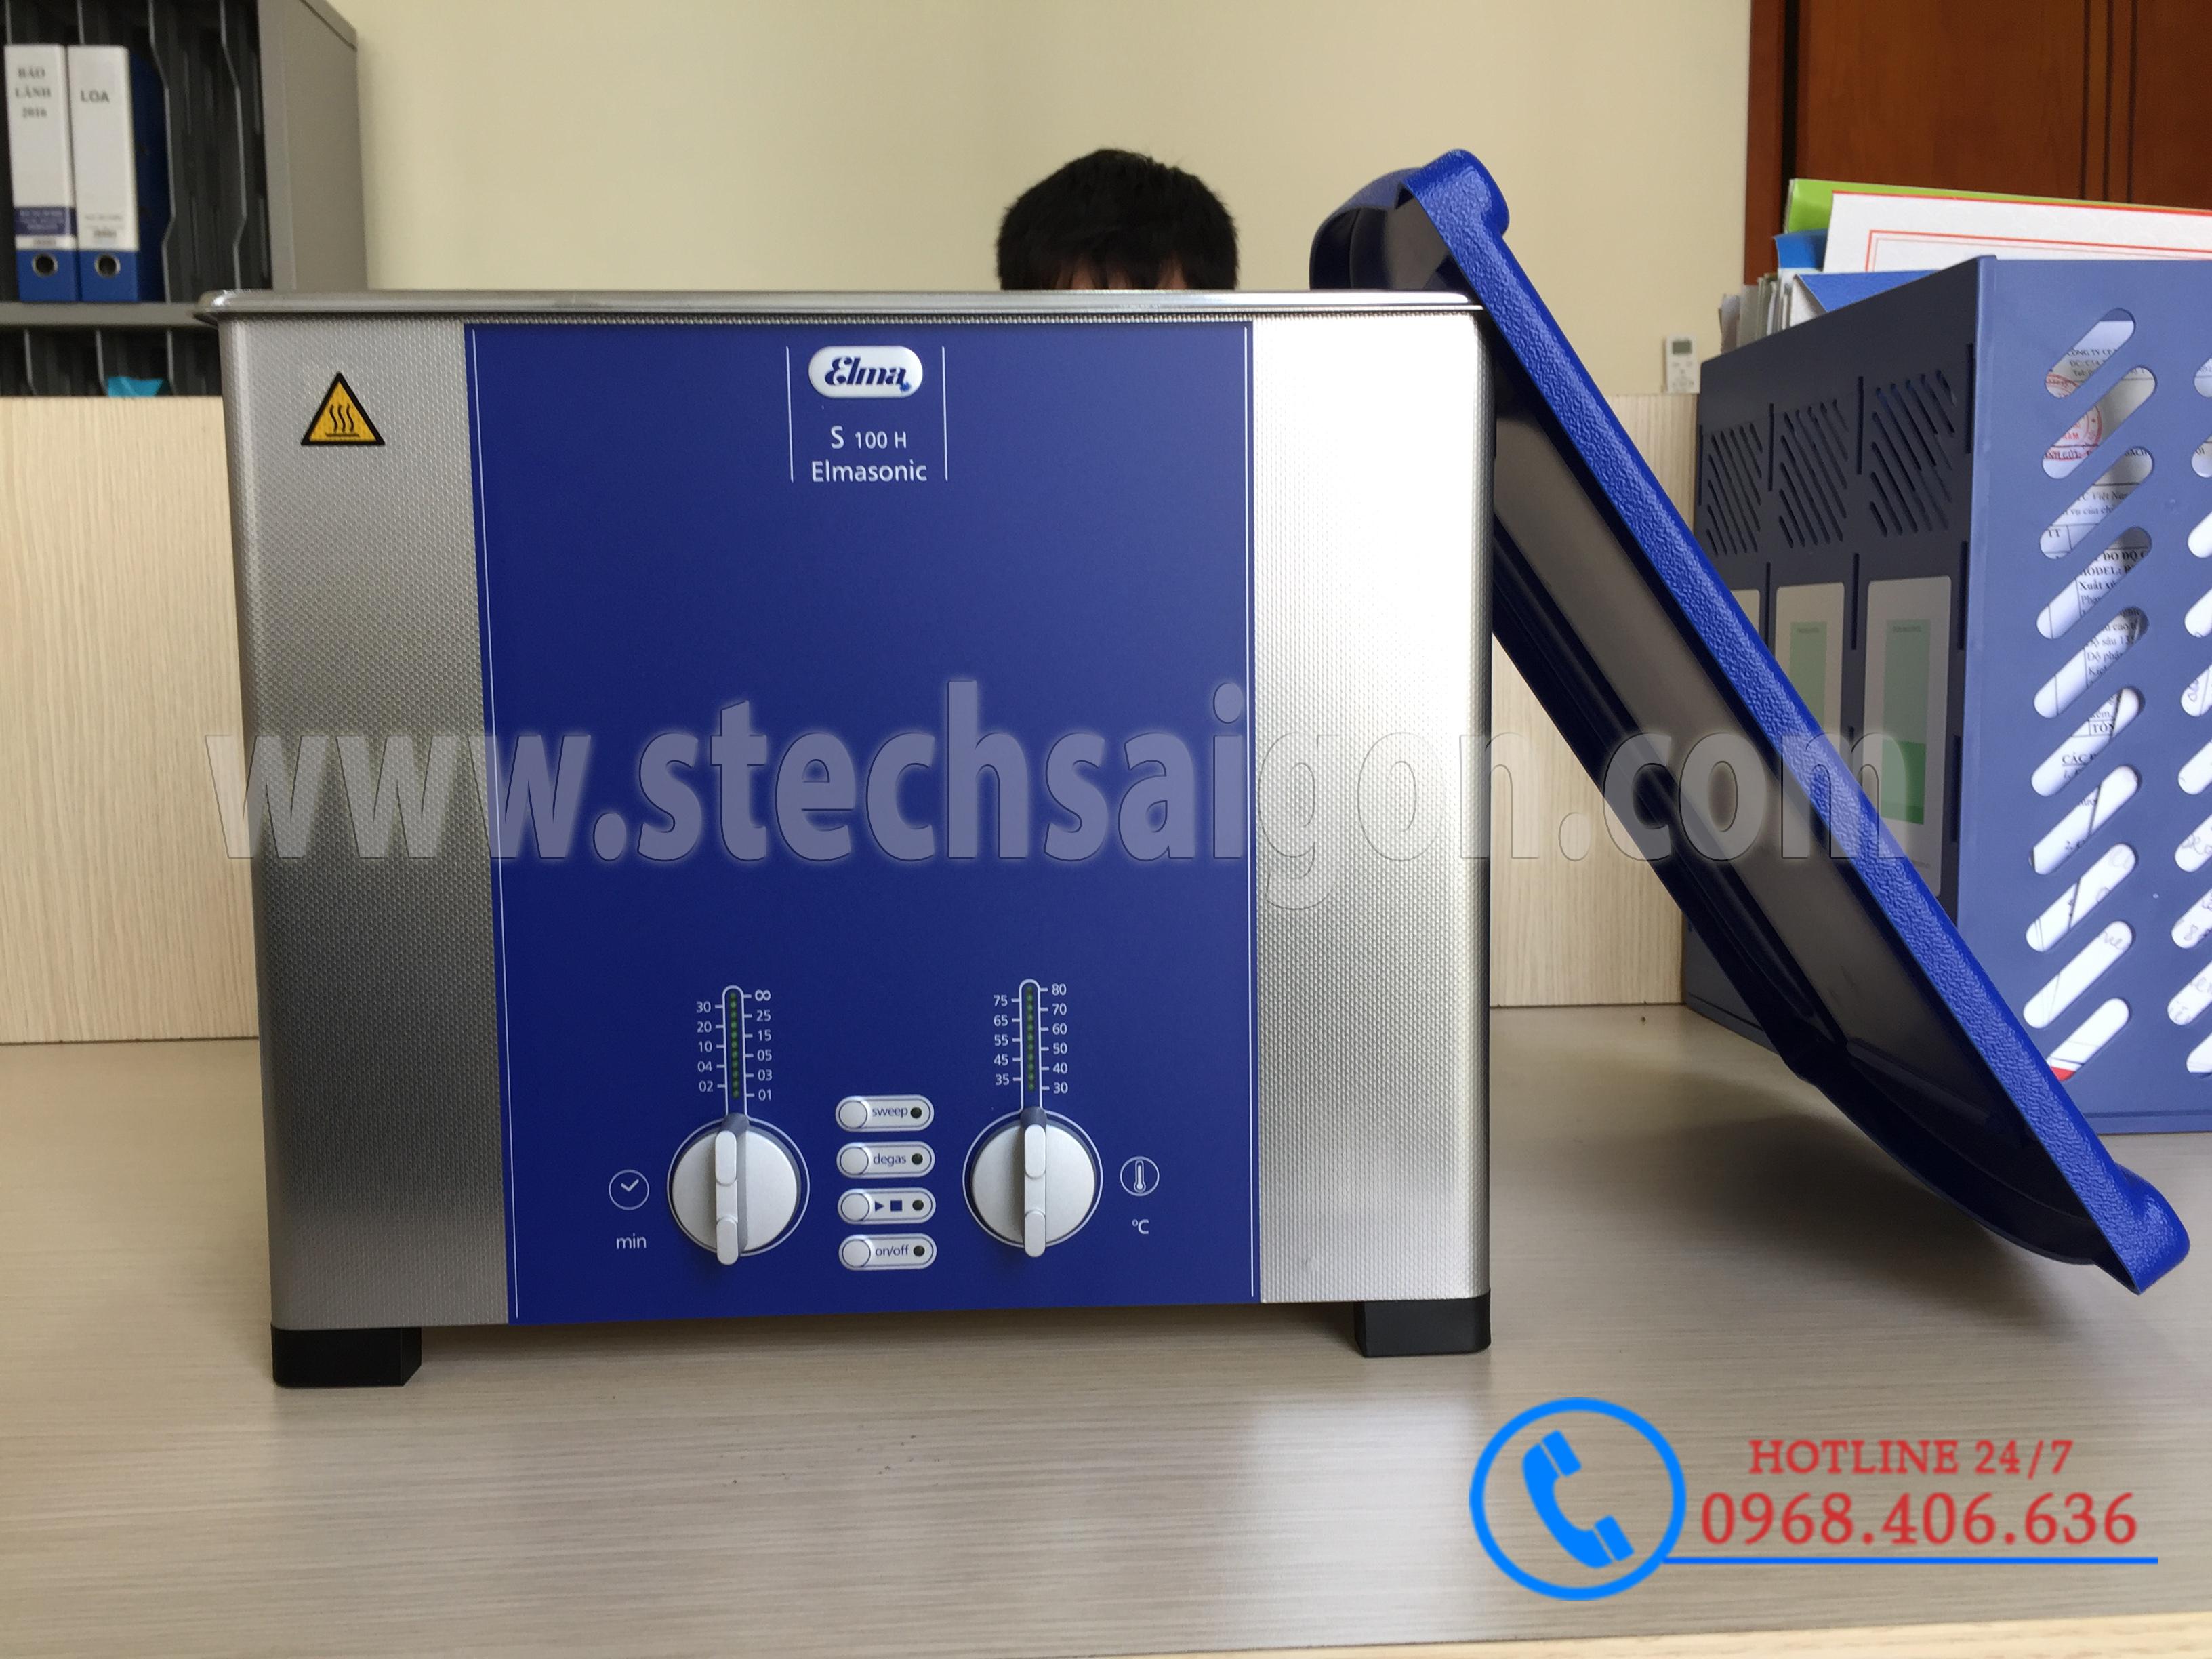 Hình ảnh Bể rửa siêu âm Elma™ S10 - 0.8 lít cung cấp bởi Stech Sài Gòn. Sản phẩm có sẵn tại Hà Nội và Hồ Chí Minh